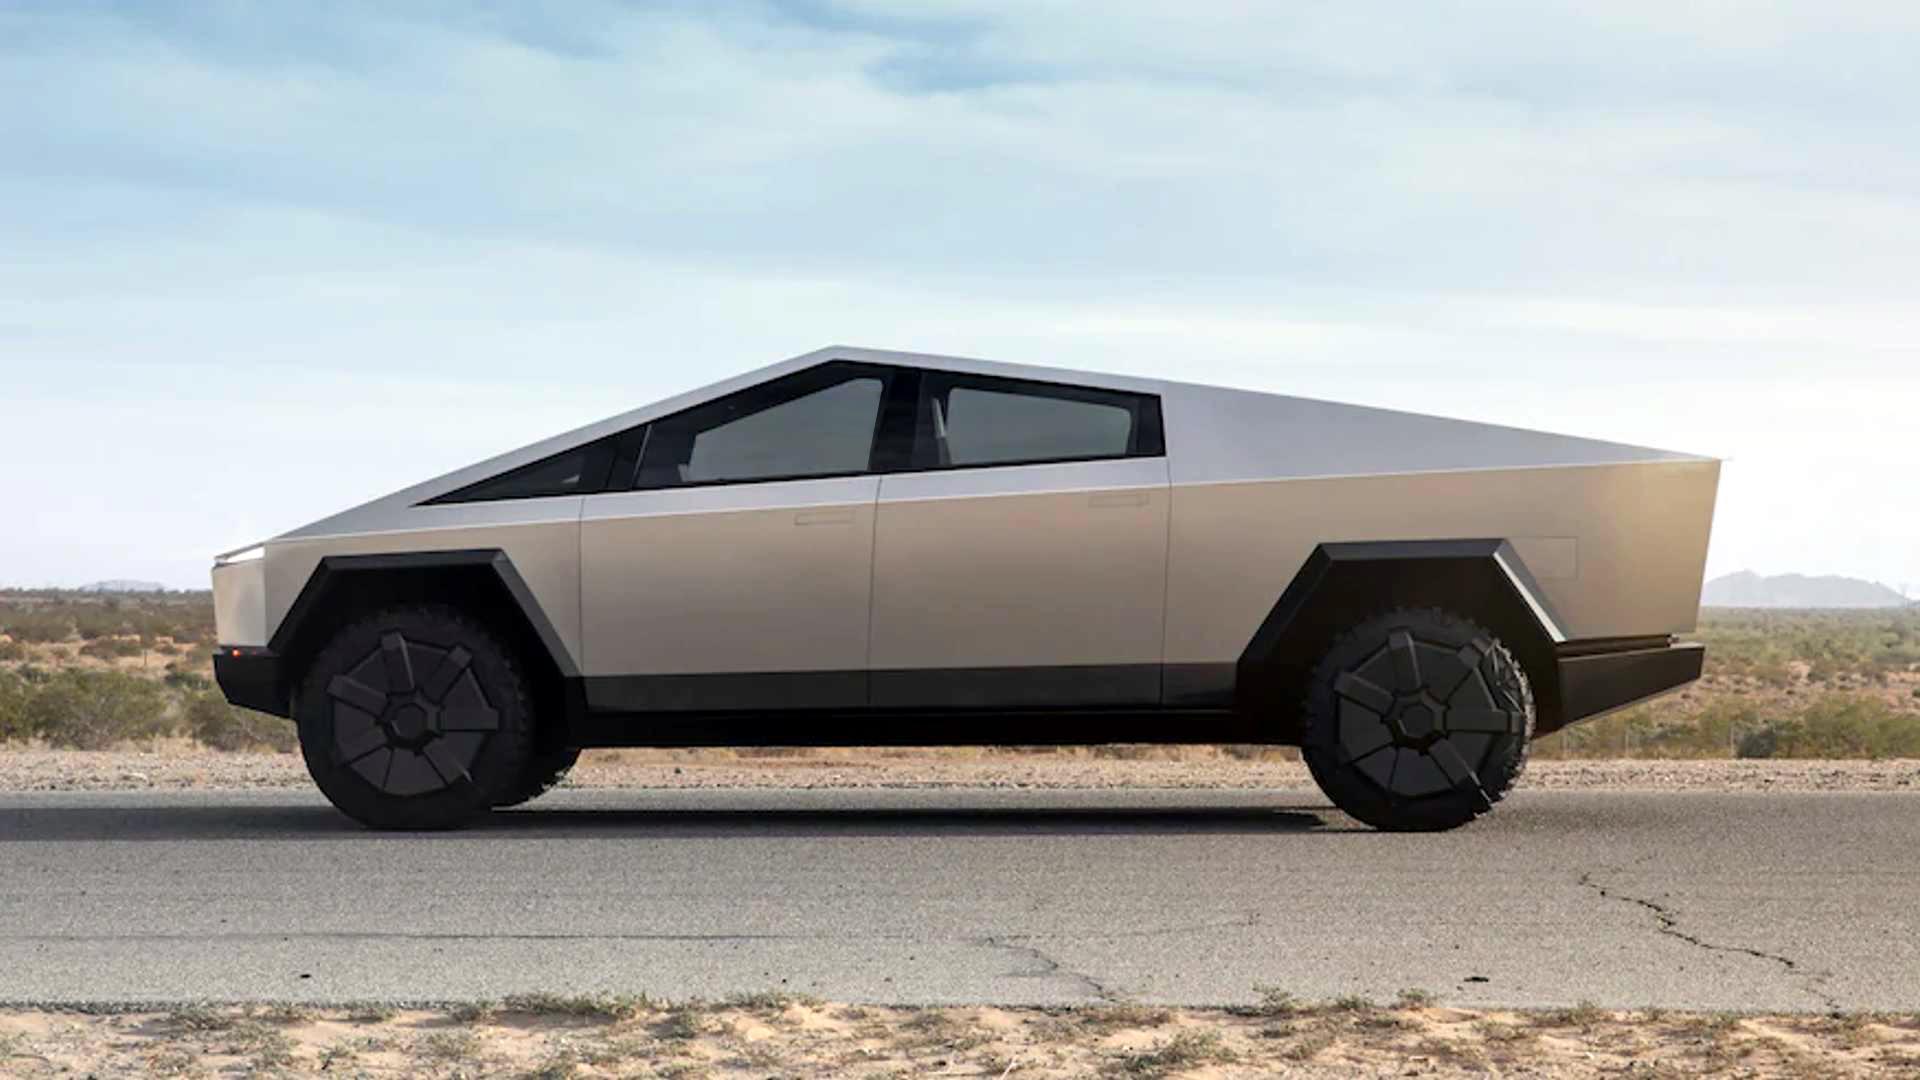 2021 Tesla Cybertruck Truck Pickup Cost Inside 0 60 Range